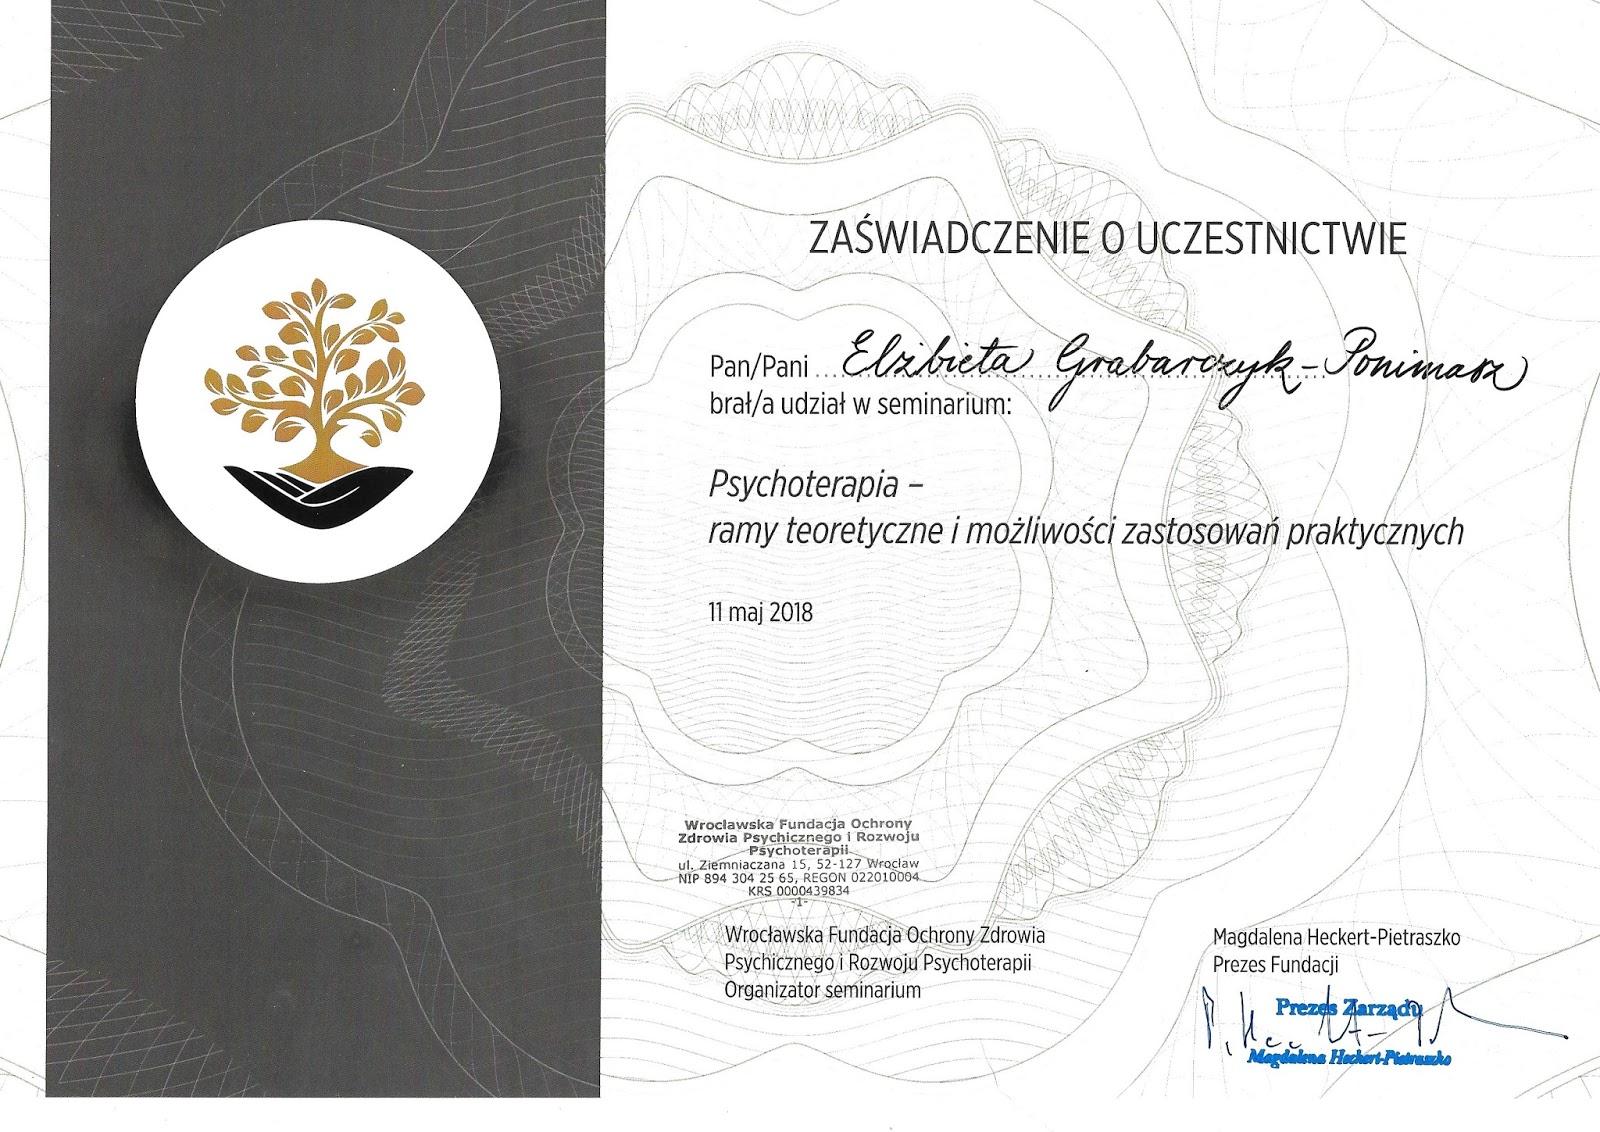 Seminarium Psychoterapia - ramy teoretyczne i możliwości zastosowań praktycznych - dobry psycholog warszawa szkolenie